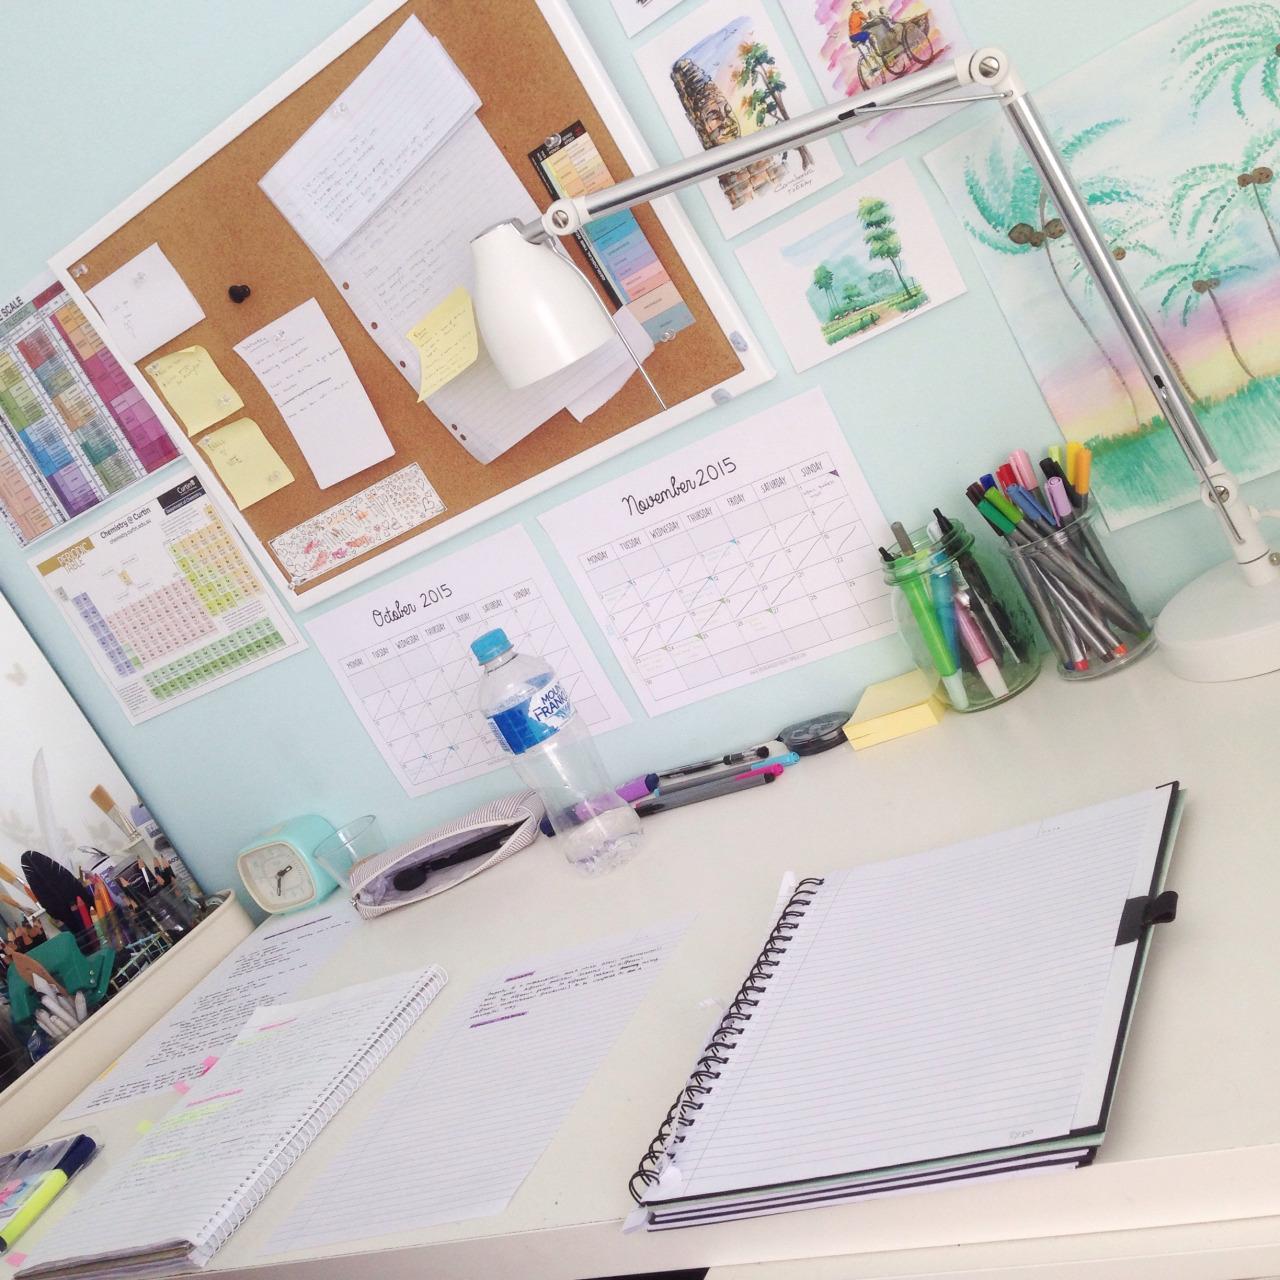 Study_planner_-_desk.jpg